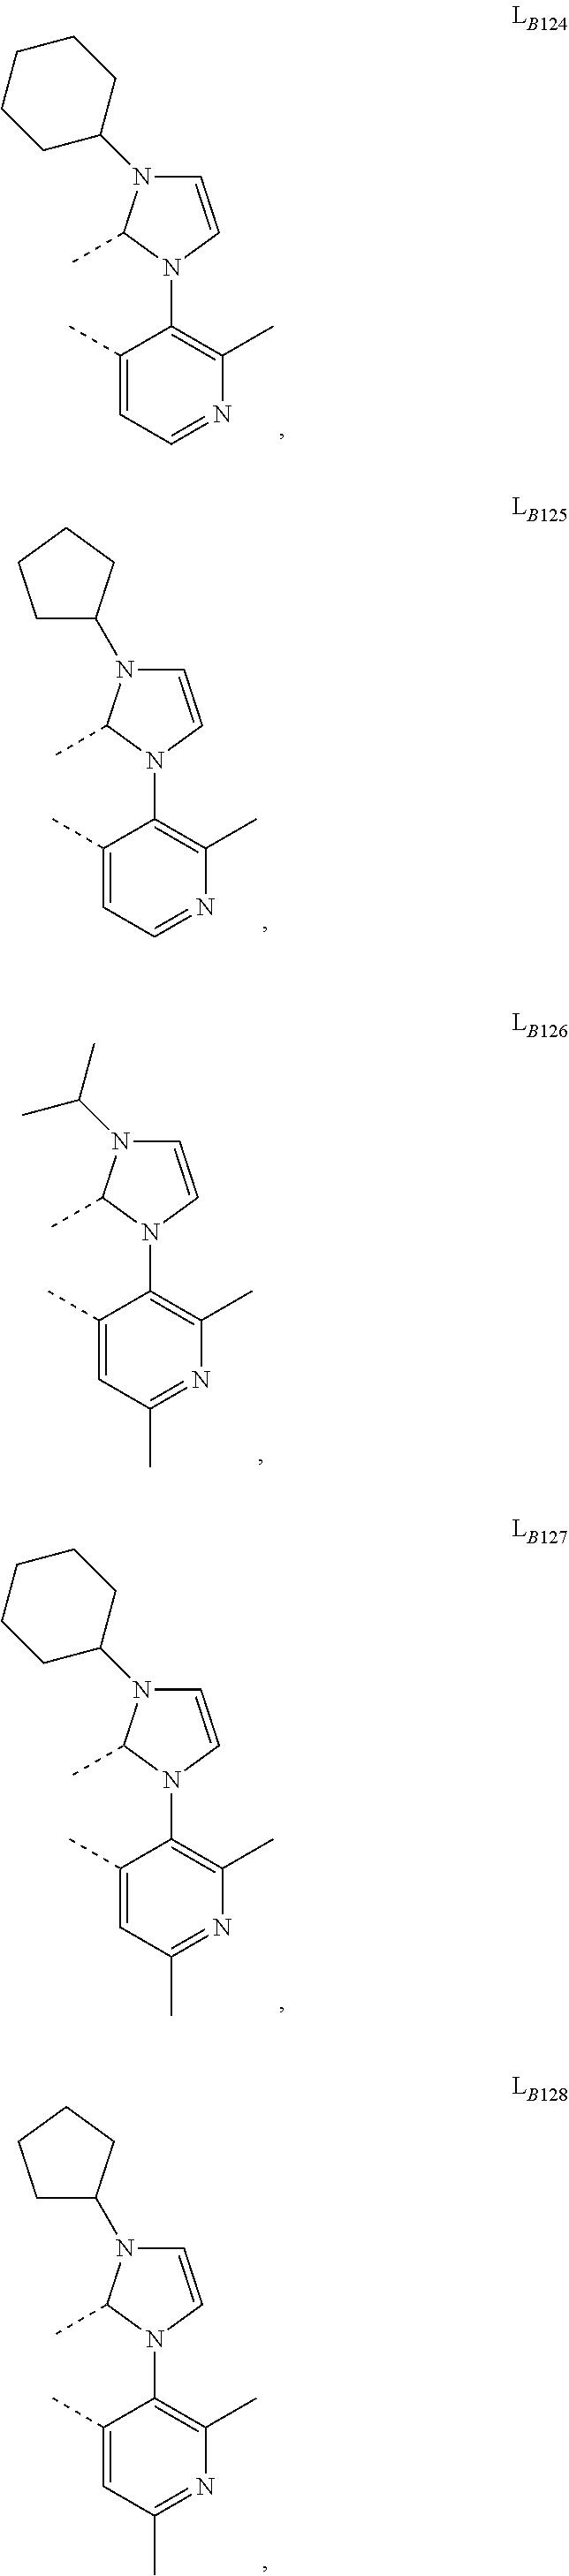 Figure US09905785-20180227-C00585